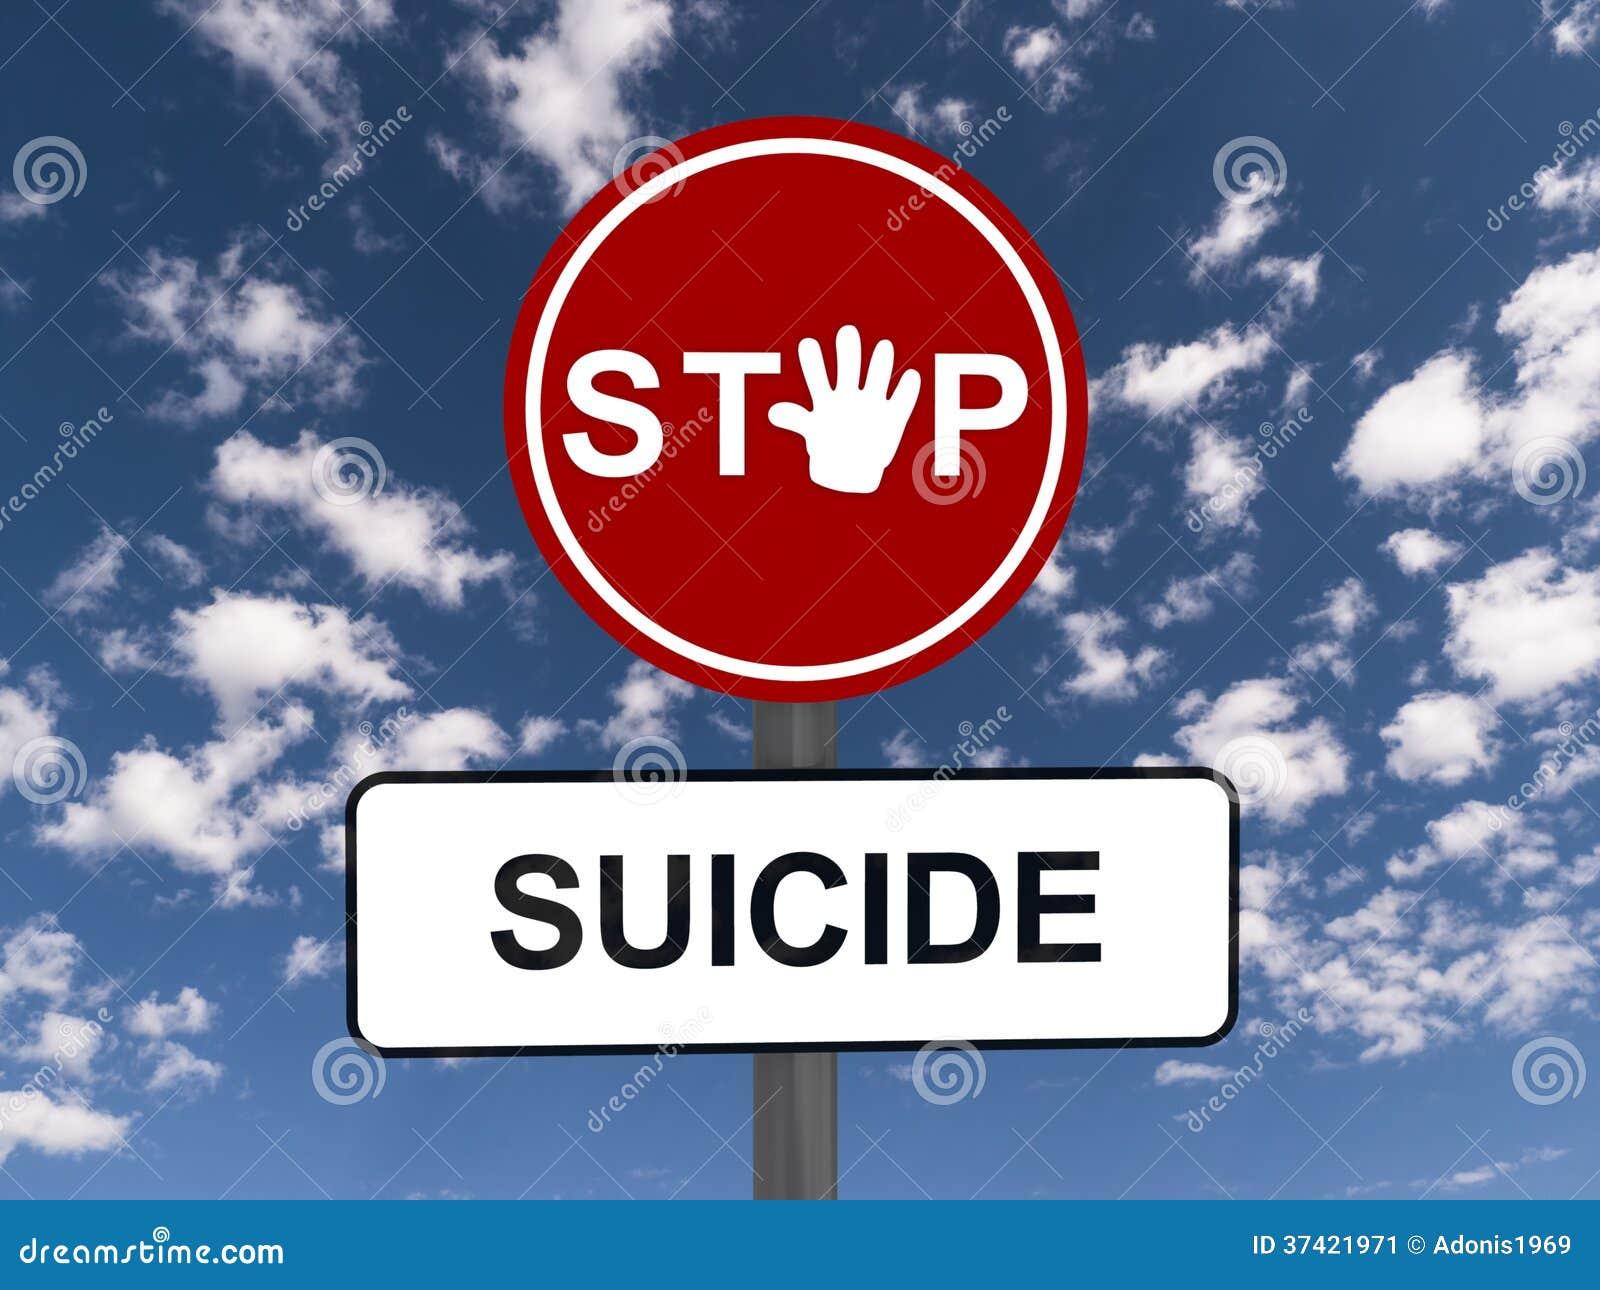 stop suicide road sign stock image image 37421971. Black Bedroom Furniture Sets. Home Design Ideas